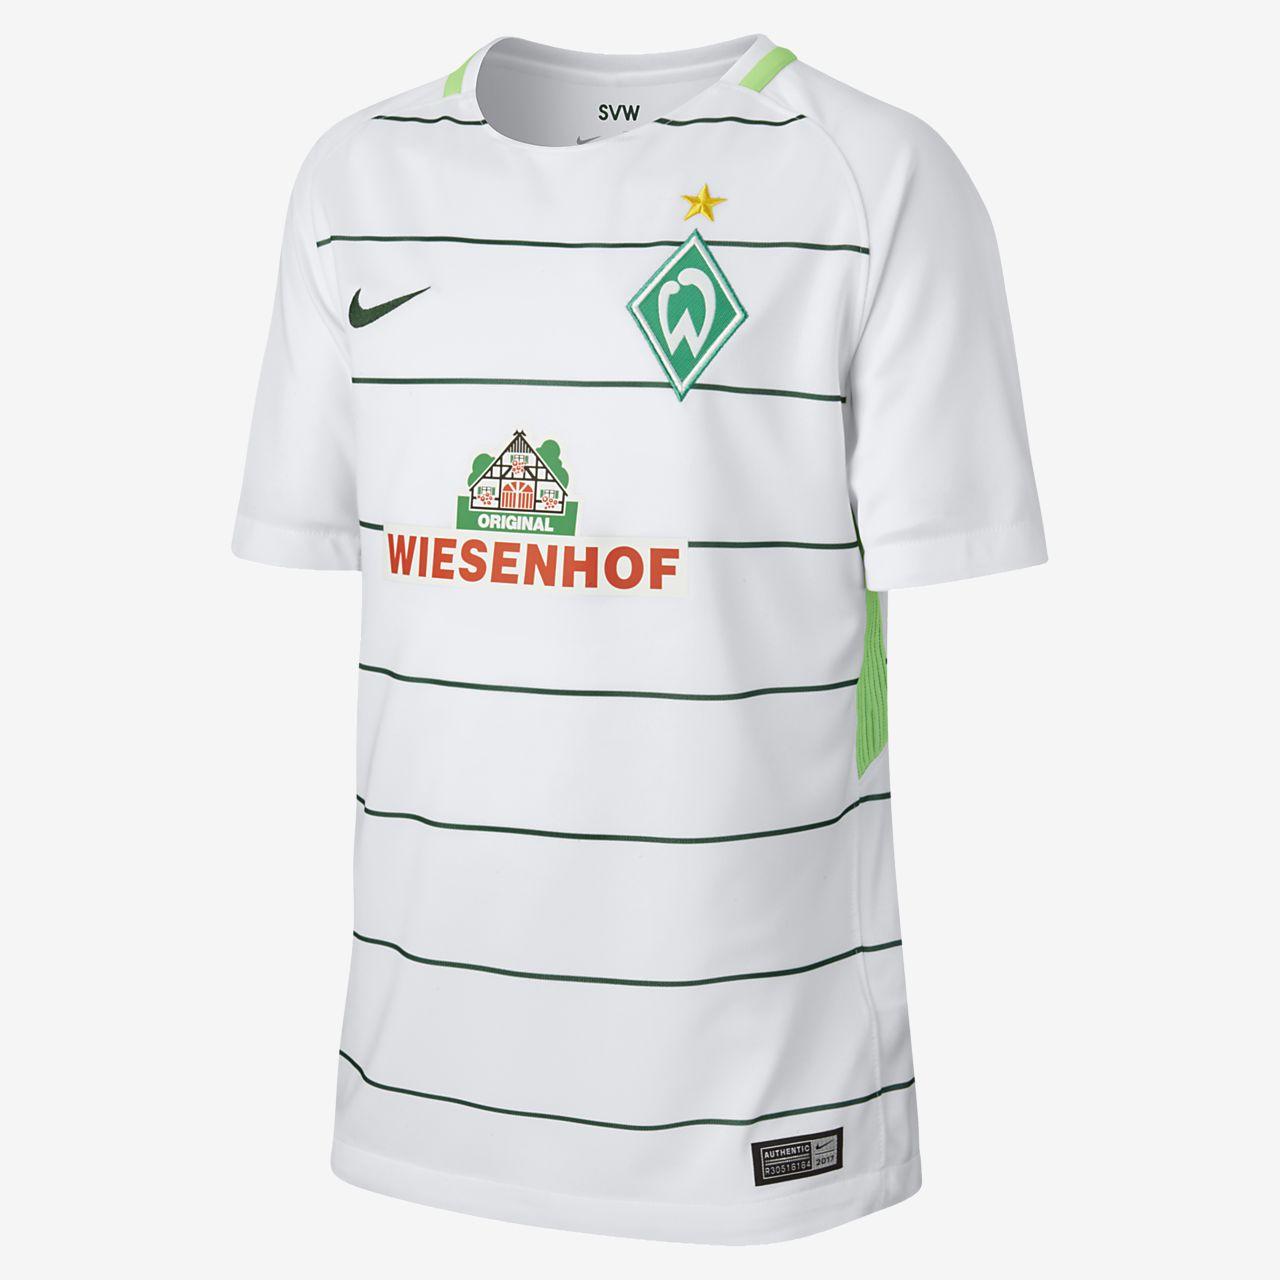 ... Camiseta de fútbol para niños talla grande Werder Bremen de visitante  para aficionados a8ae9f64cd2